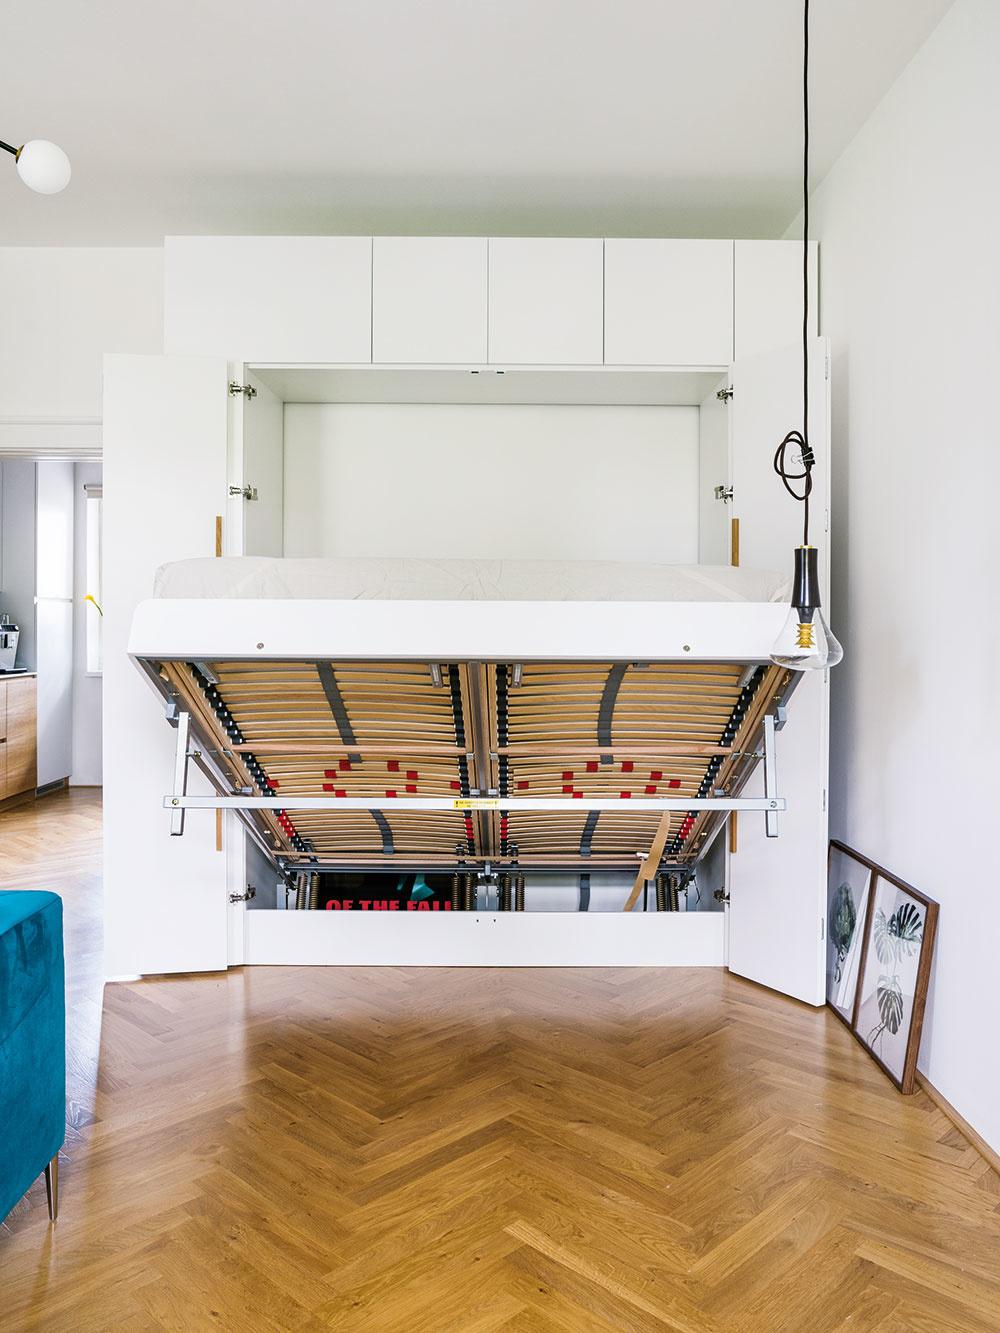 Skriňa je navrhnutá oniečo väčšia, aby vnej bol priestor aj na police, je tu tiež skrytý kôš na špinavú bielizeň. Perinák je súčasťou postele anad ňou je ďalší úložný priestor.